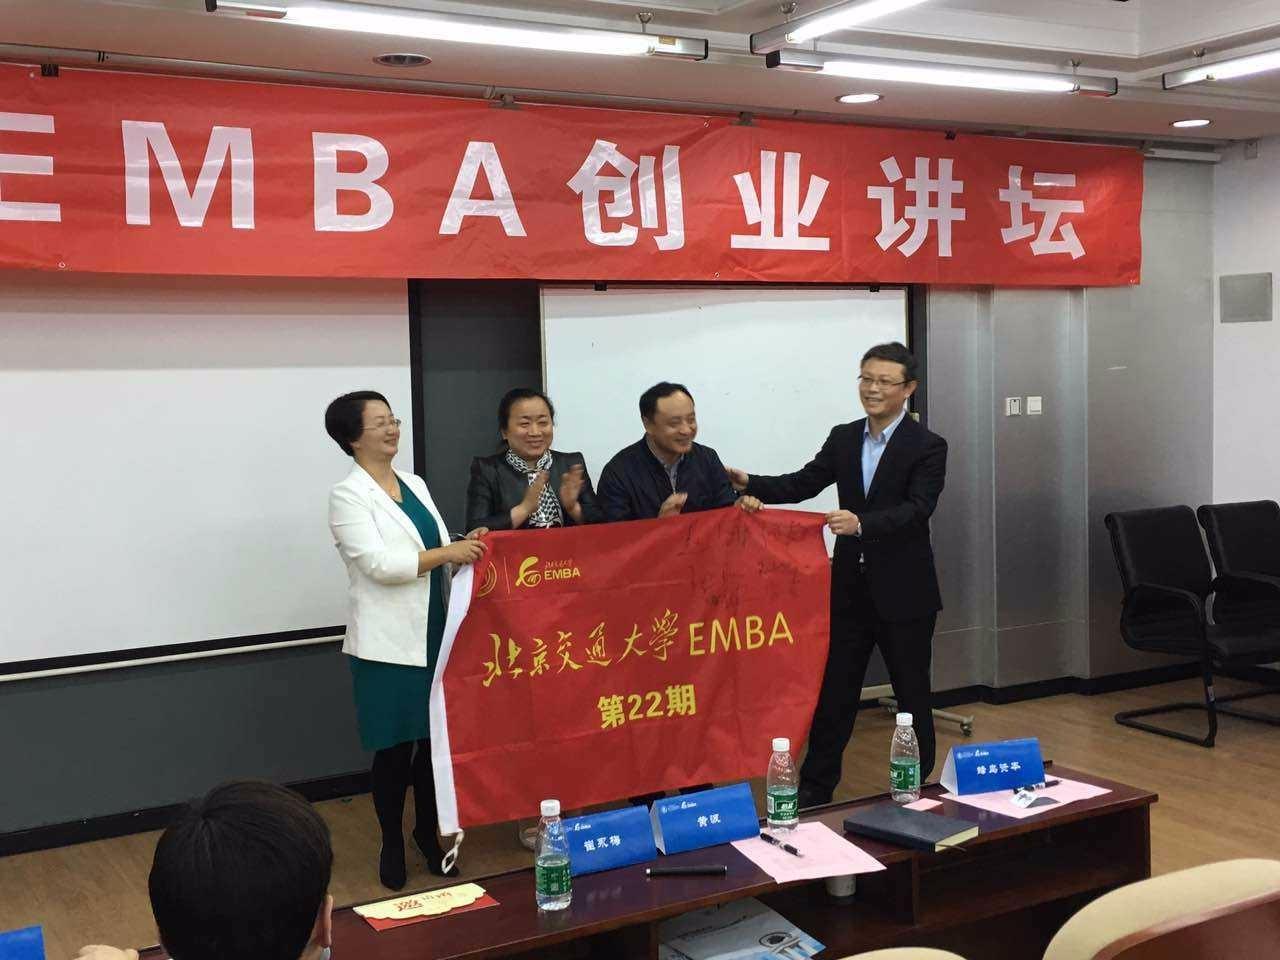 北京交通大学EMBA论坛